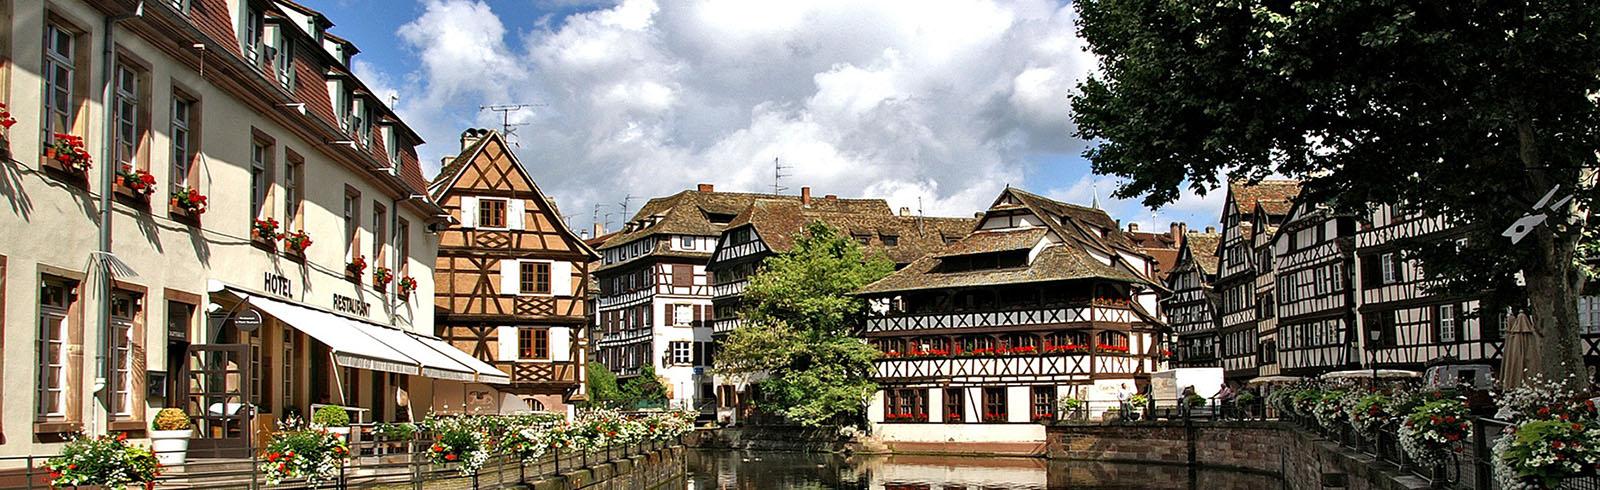 Alsace-Lorraine-header